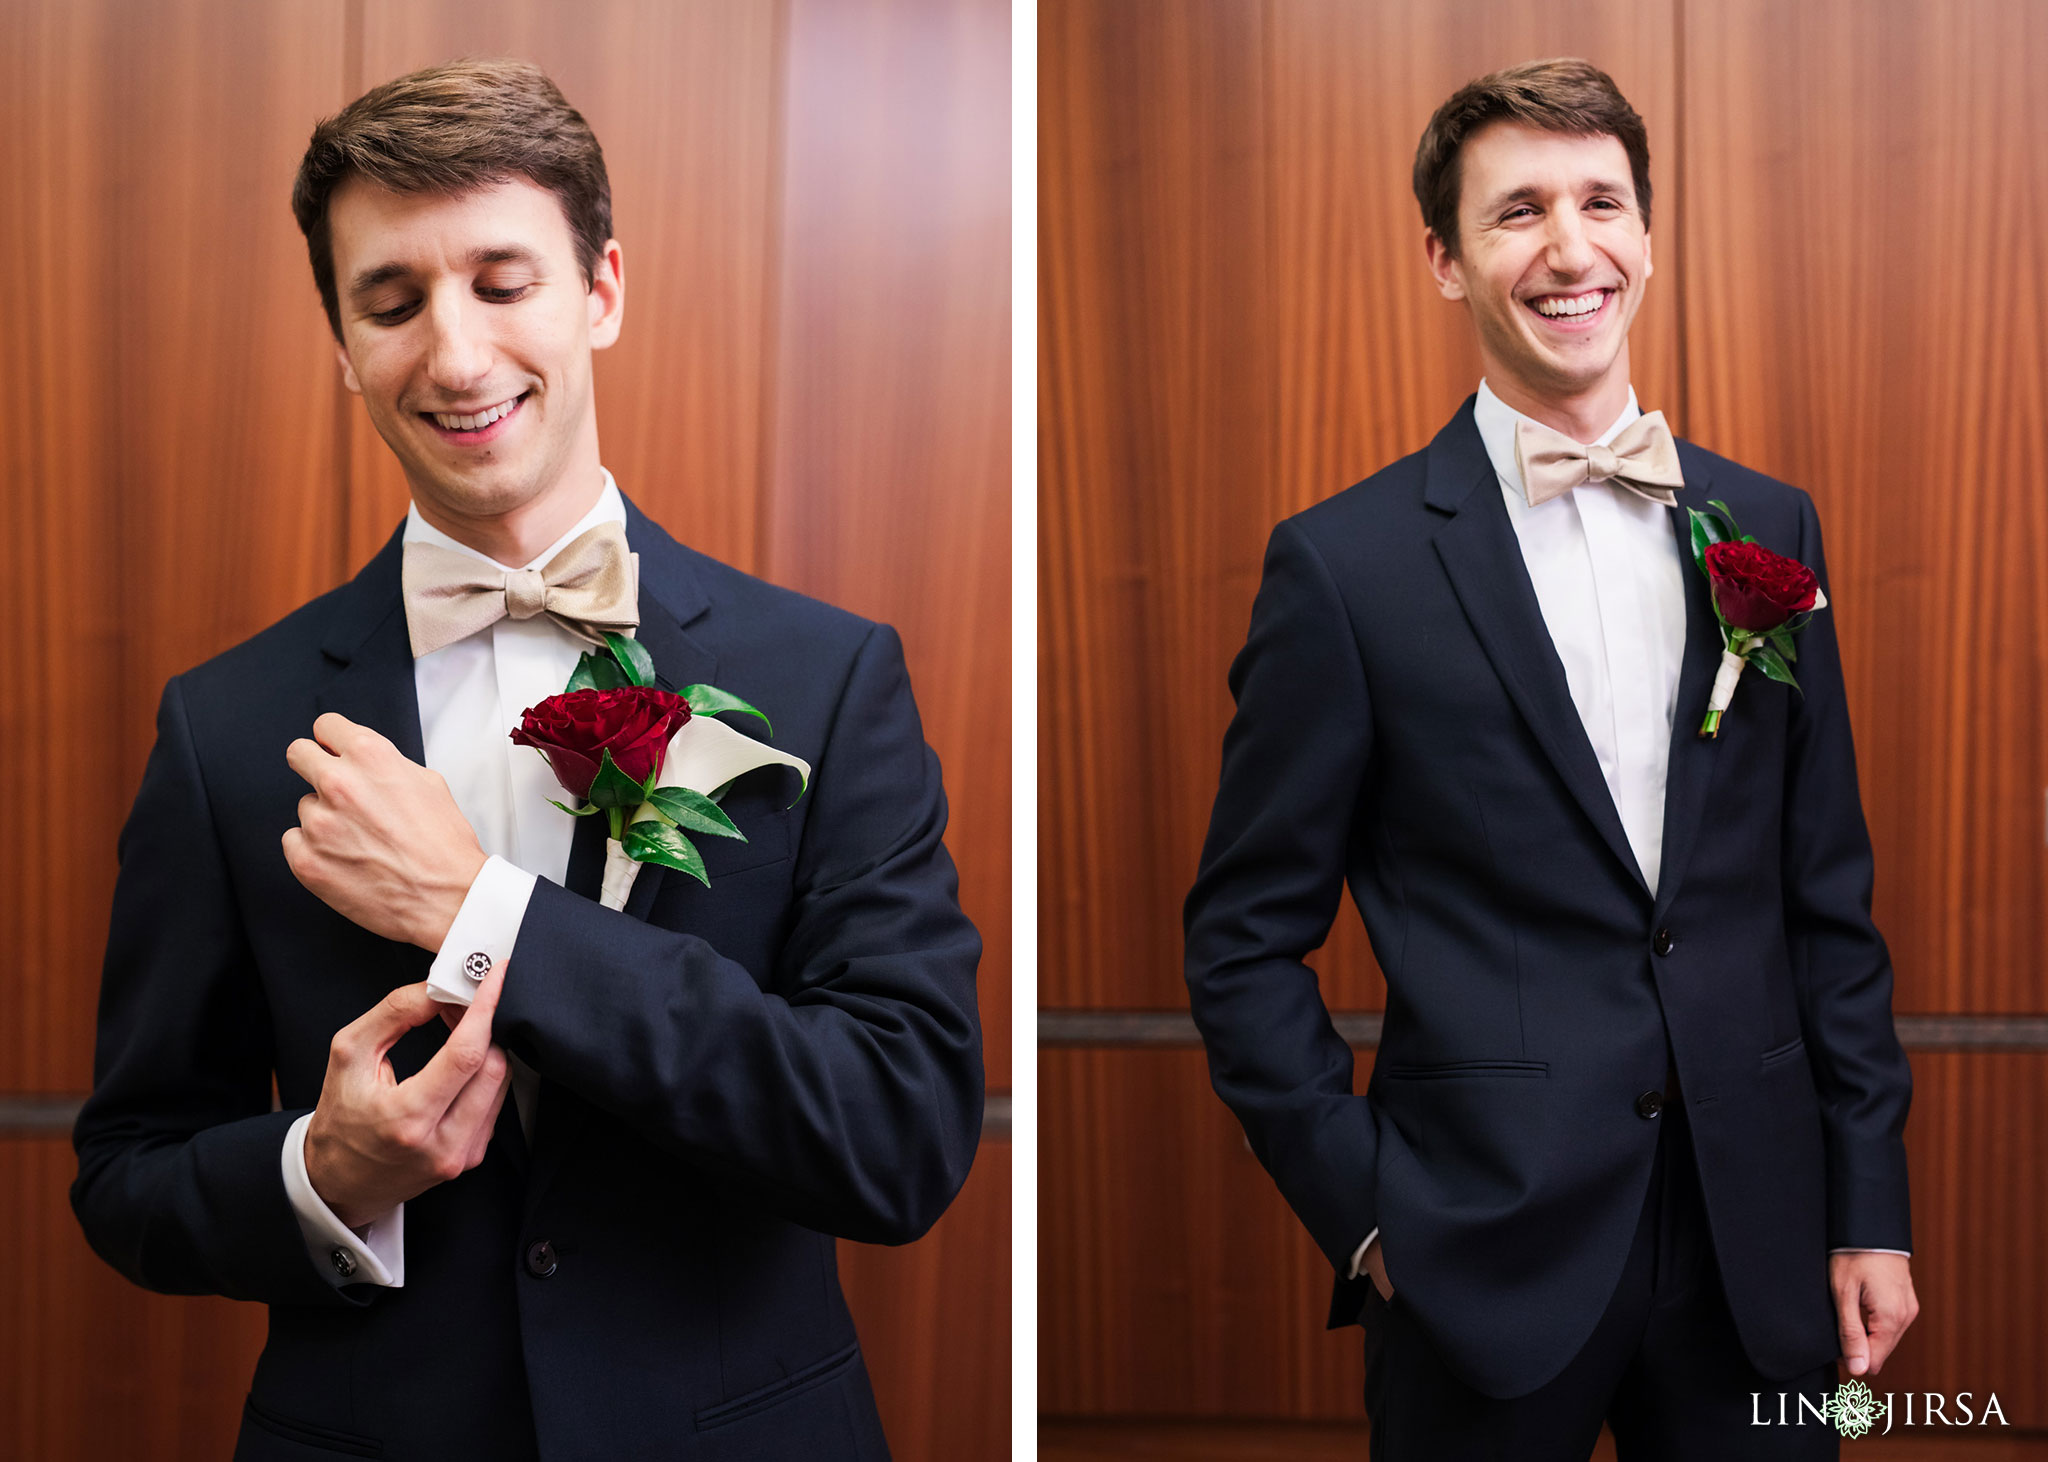 009 richard nixon library groom wedding photography